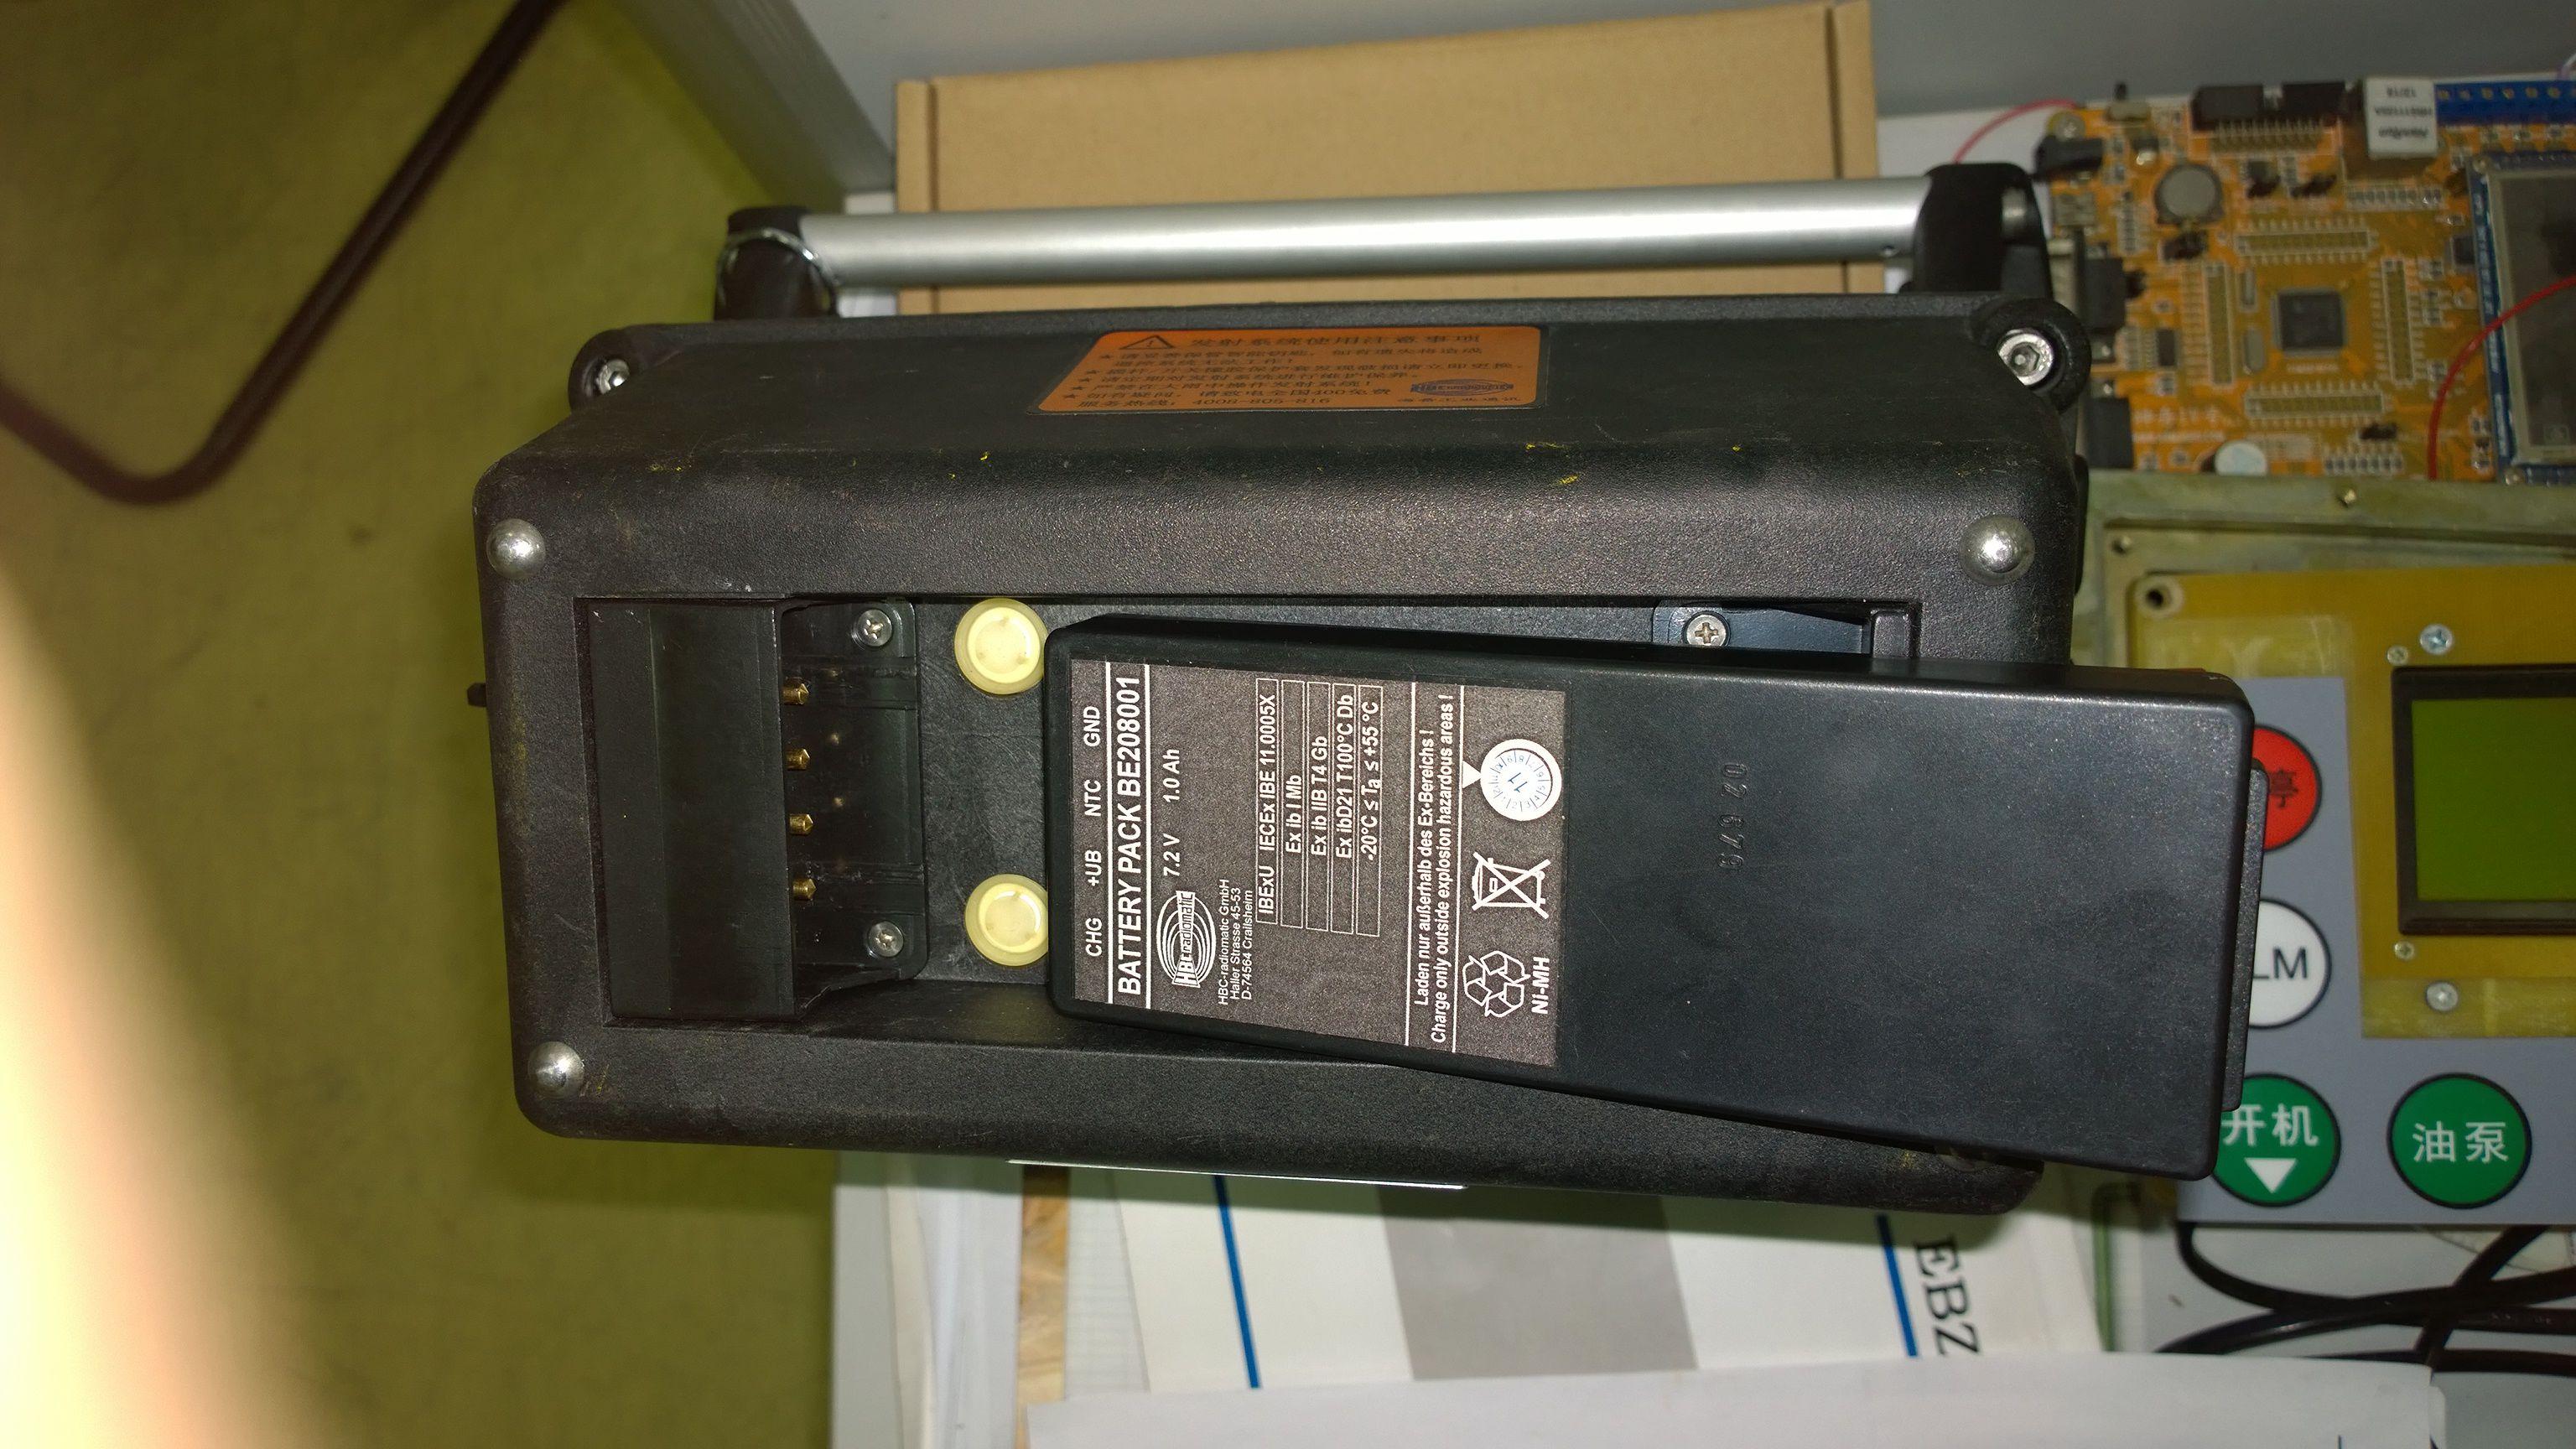 工业遥控器电池的问题